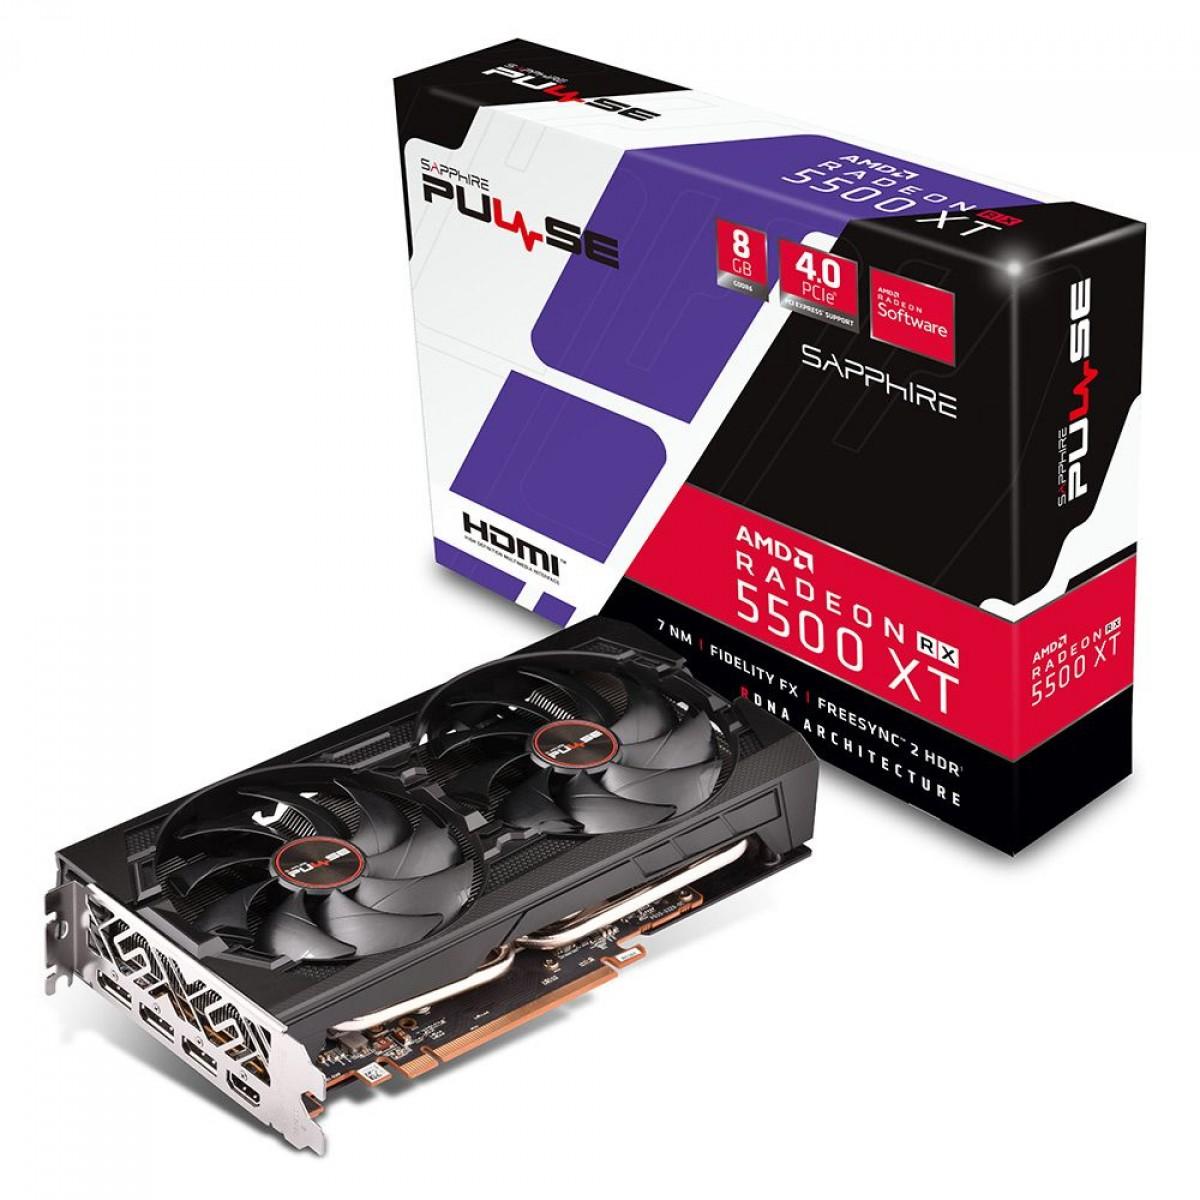 Placa de Vídeo Sapphire Radeon RX 5500 XT, 8GB GDDR6, 128BIT, 11295-01-20G